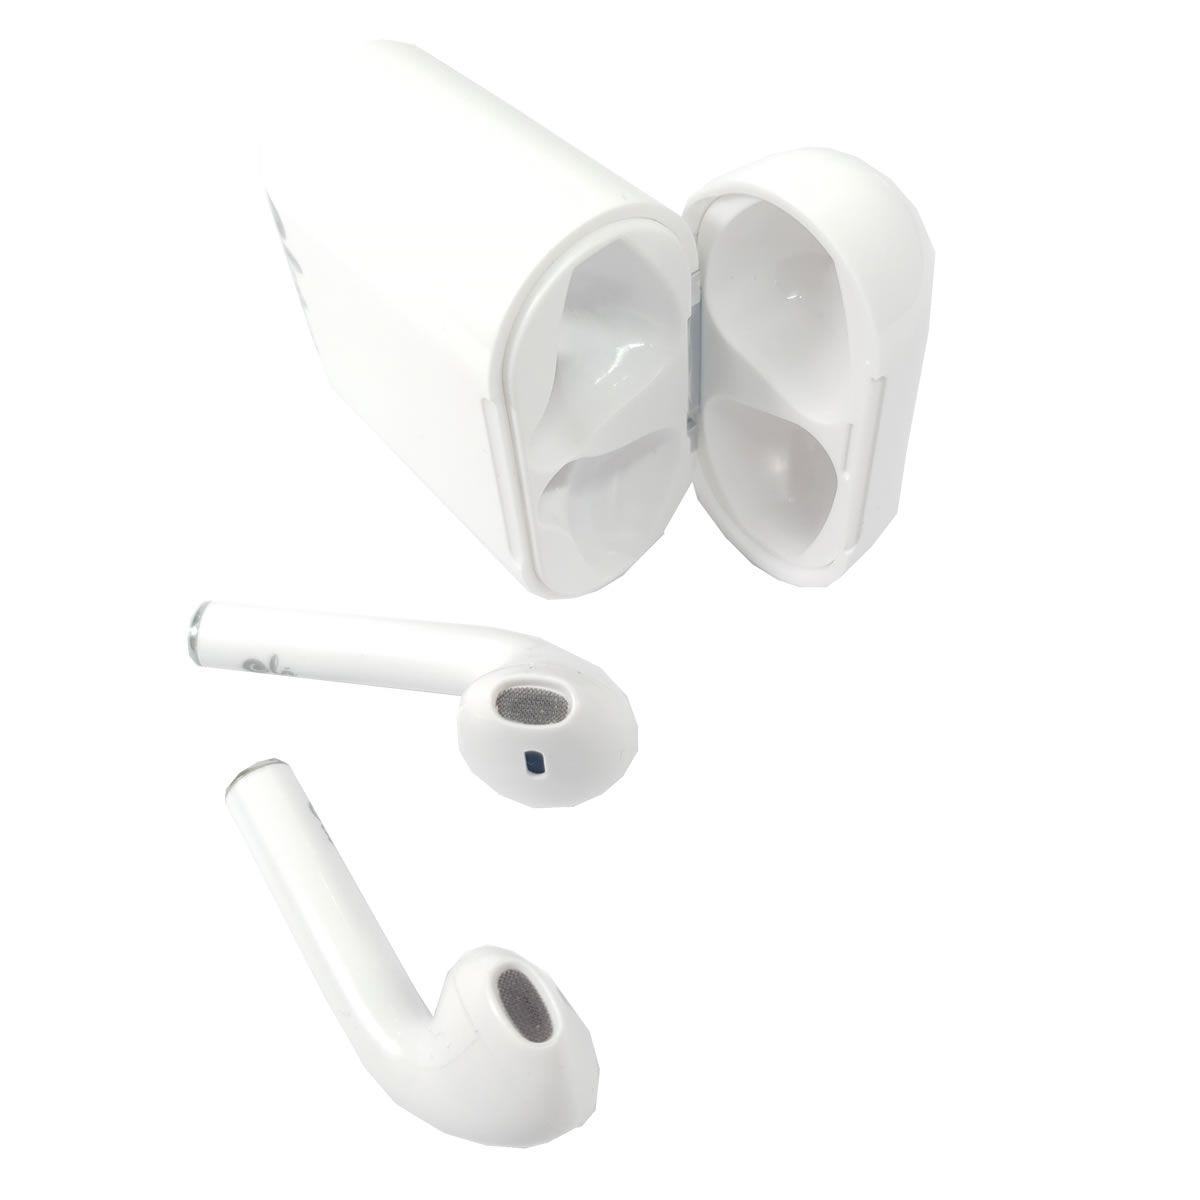 Fone de Ouvido Sem Fio Bluetooth Basike FON-6690